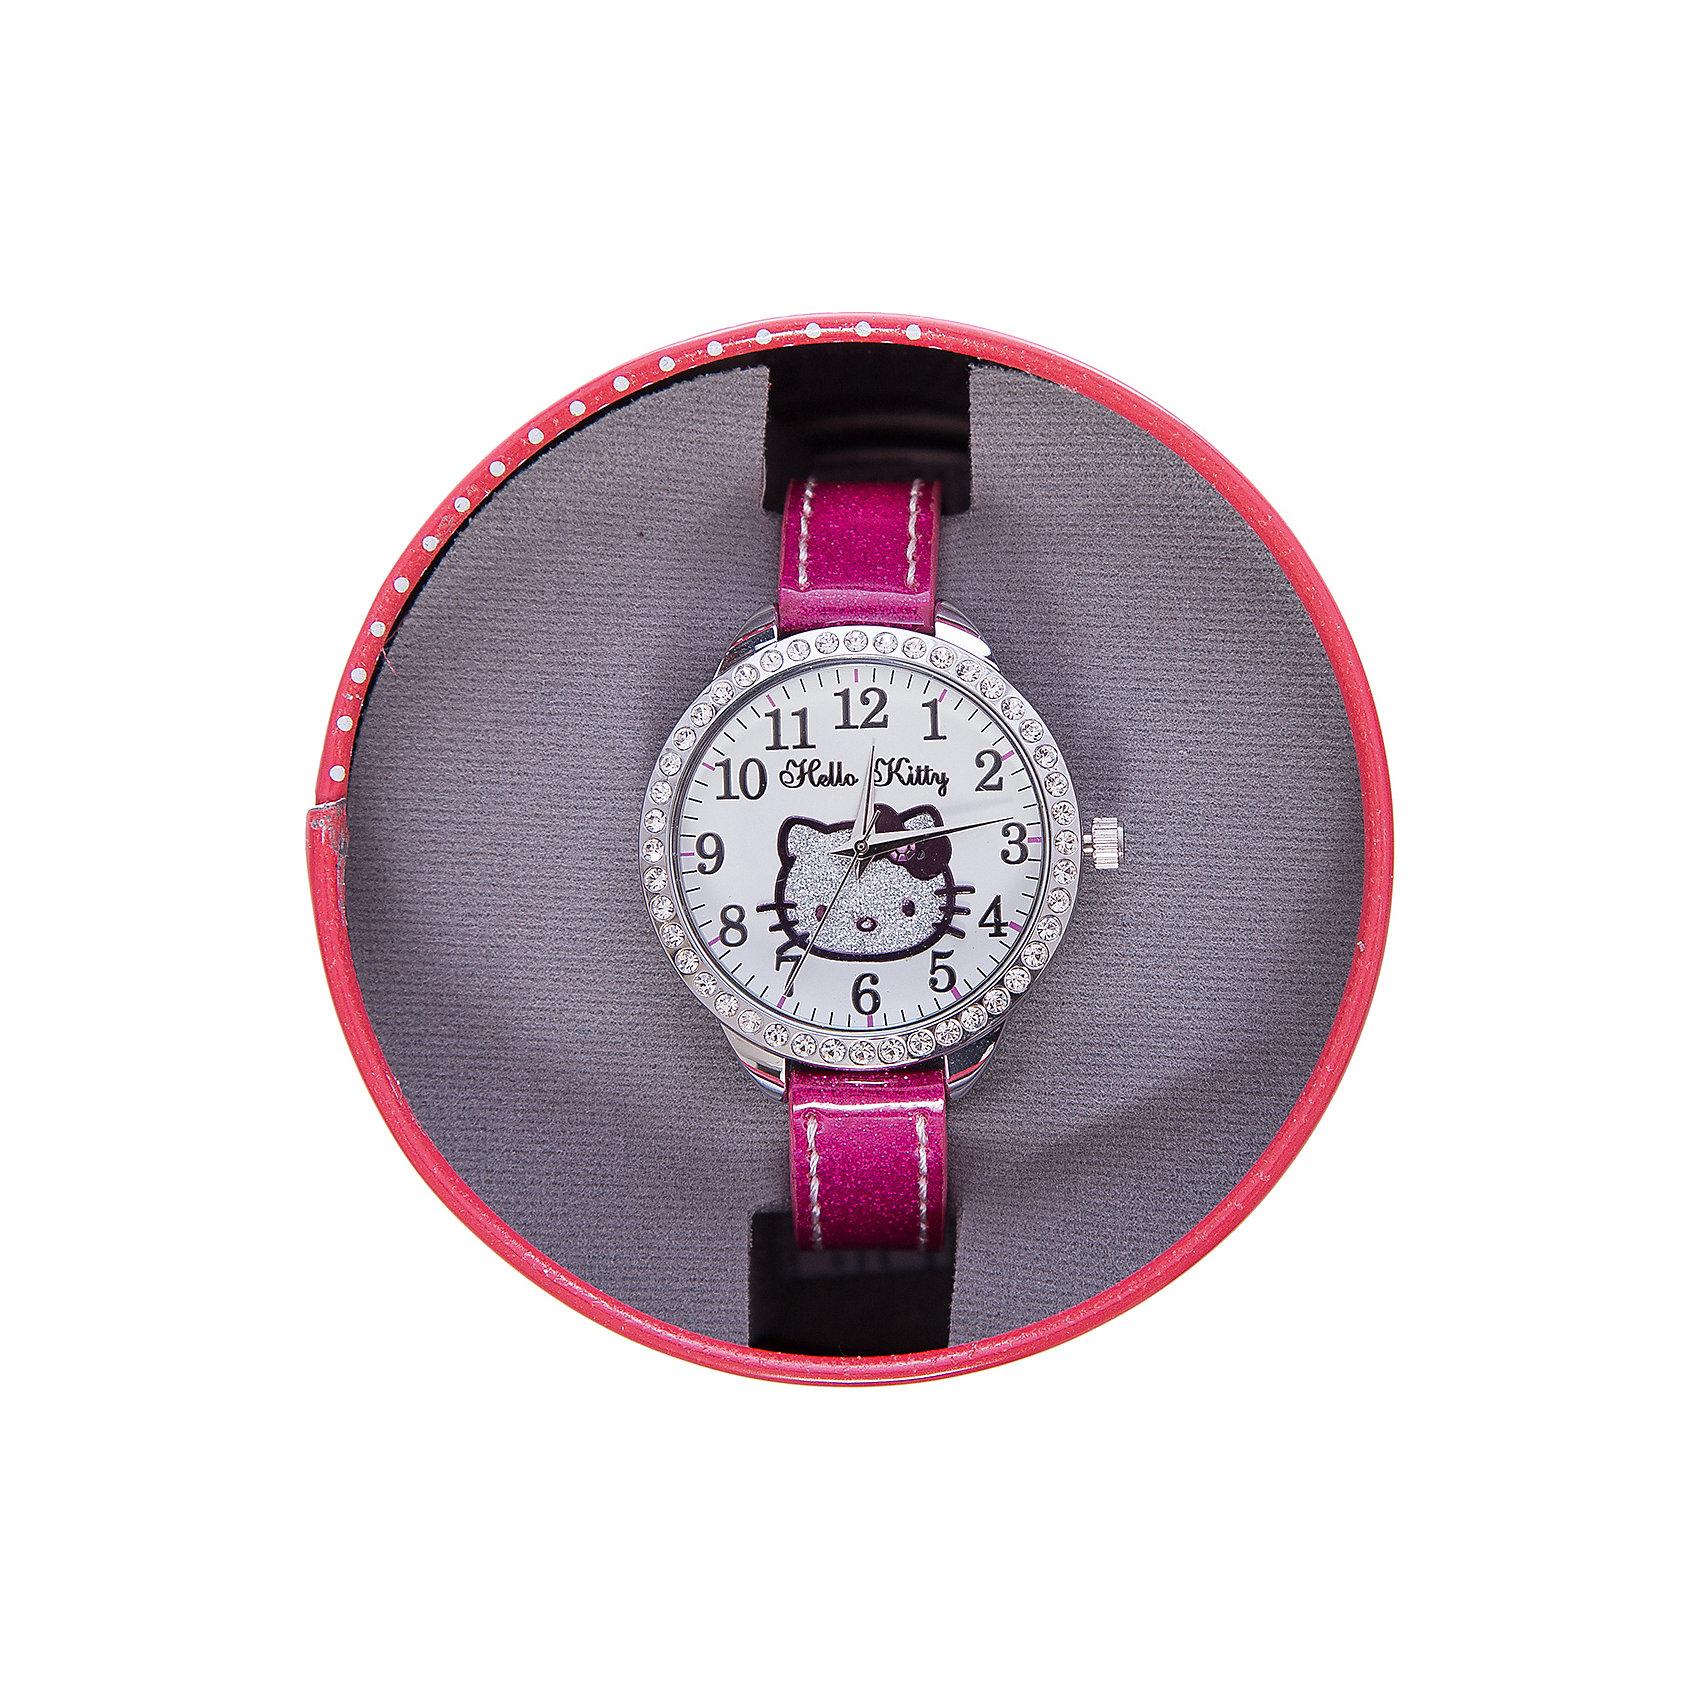 Часы наручные аналоговые, Hello KittyHello Kitty<br>Эксклюзивные наручные аналоговые часы торговой марки Hello Kitty выполнены по индивидуальному дизайну ООО «Детское Время» и лицензии компании Sanrio. Обилие деталей - декоративных элементов (страз, мерцающих ремешков), надписей,  уникальных изображений - делают изделие тщательно продуманным творением мастеров. Часы имеют высококачественный японский кварцевый механизм и отличаются надежностью и точностью хода. Часы водоустойчивы и обладают достаточной герметичностью, чтобы спокойно перенести случайный и незначительный контакт с жидкостями (дождь, брызги), но они не предназначены для плавания или погружения в воду. Циферблат защищен от повреждений прочным минеральным стеклом. Корпус часов выполнен из стали,  задняя крышка из нержавеющей стали. Материал браслета: искусственная кожа. Единица товара упаковывается в стильную подарочную коробочку. Неповторимый стиль с изобилием насыщенных и в тоже время нежных гамм; надежность и прочность изделия позволяют говорить о нем только в превосходной степени!<br><br>Ширина мм: 55<br>Глубина мм: 10<br>Высота мм: 250<br>Вес г: 22<br>Возраст от месяцев: 36<br>Возраст до месяцев: 72<br>Пол: Женский<br>Возраст: Детский<br>SKU: 5529340